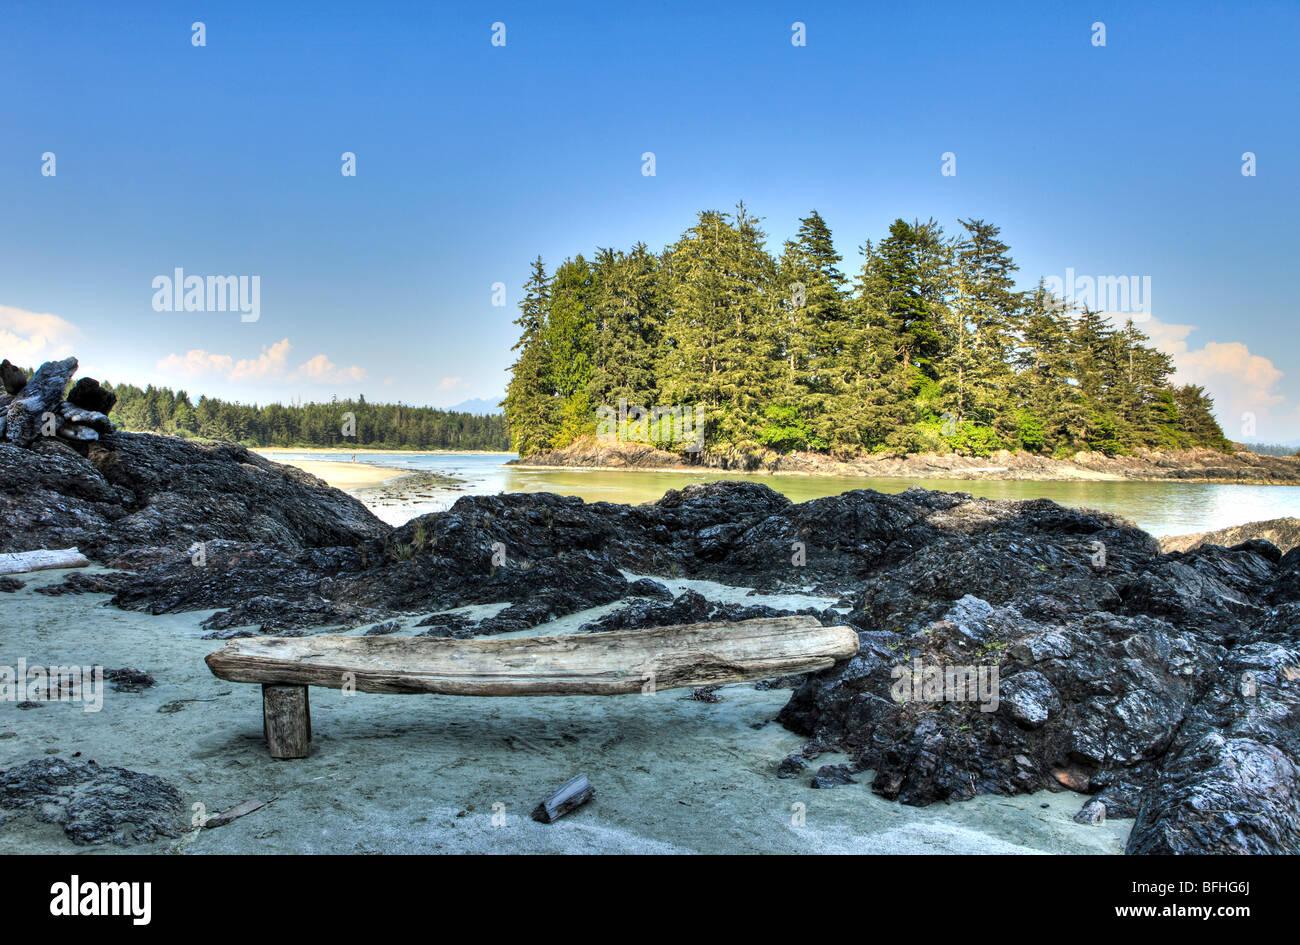 Schooner Cove, Pacific Rim National Park, British Columbia, Canada - Stock Image